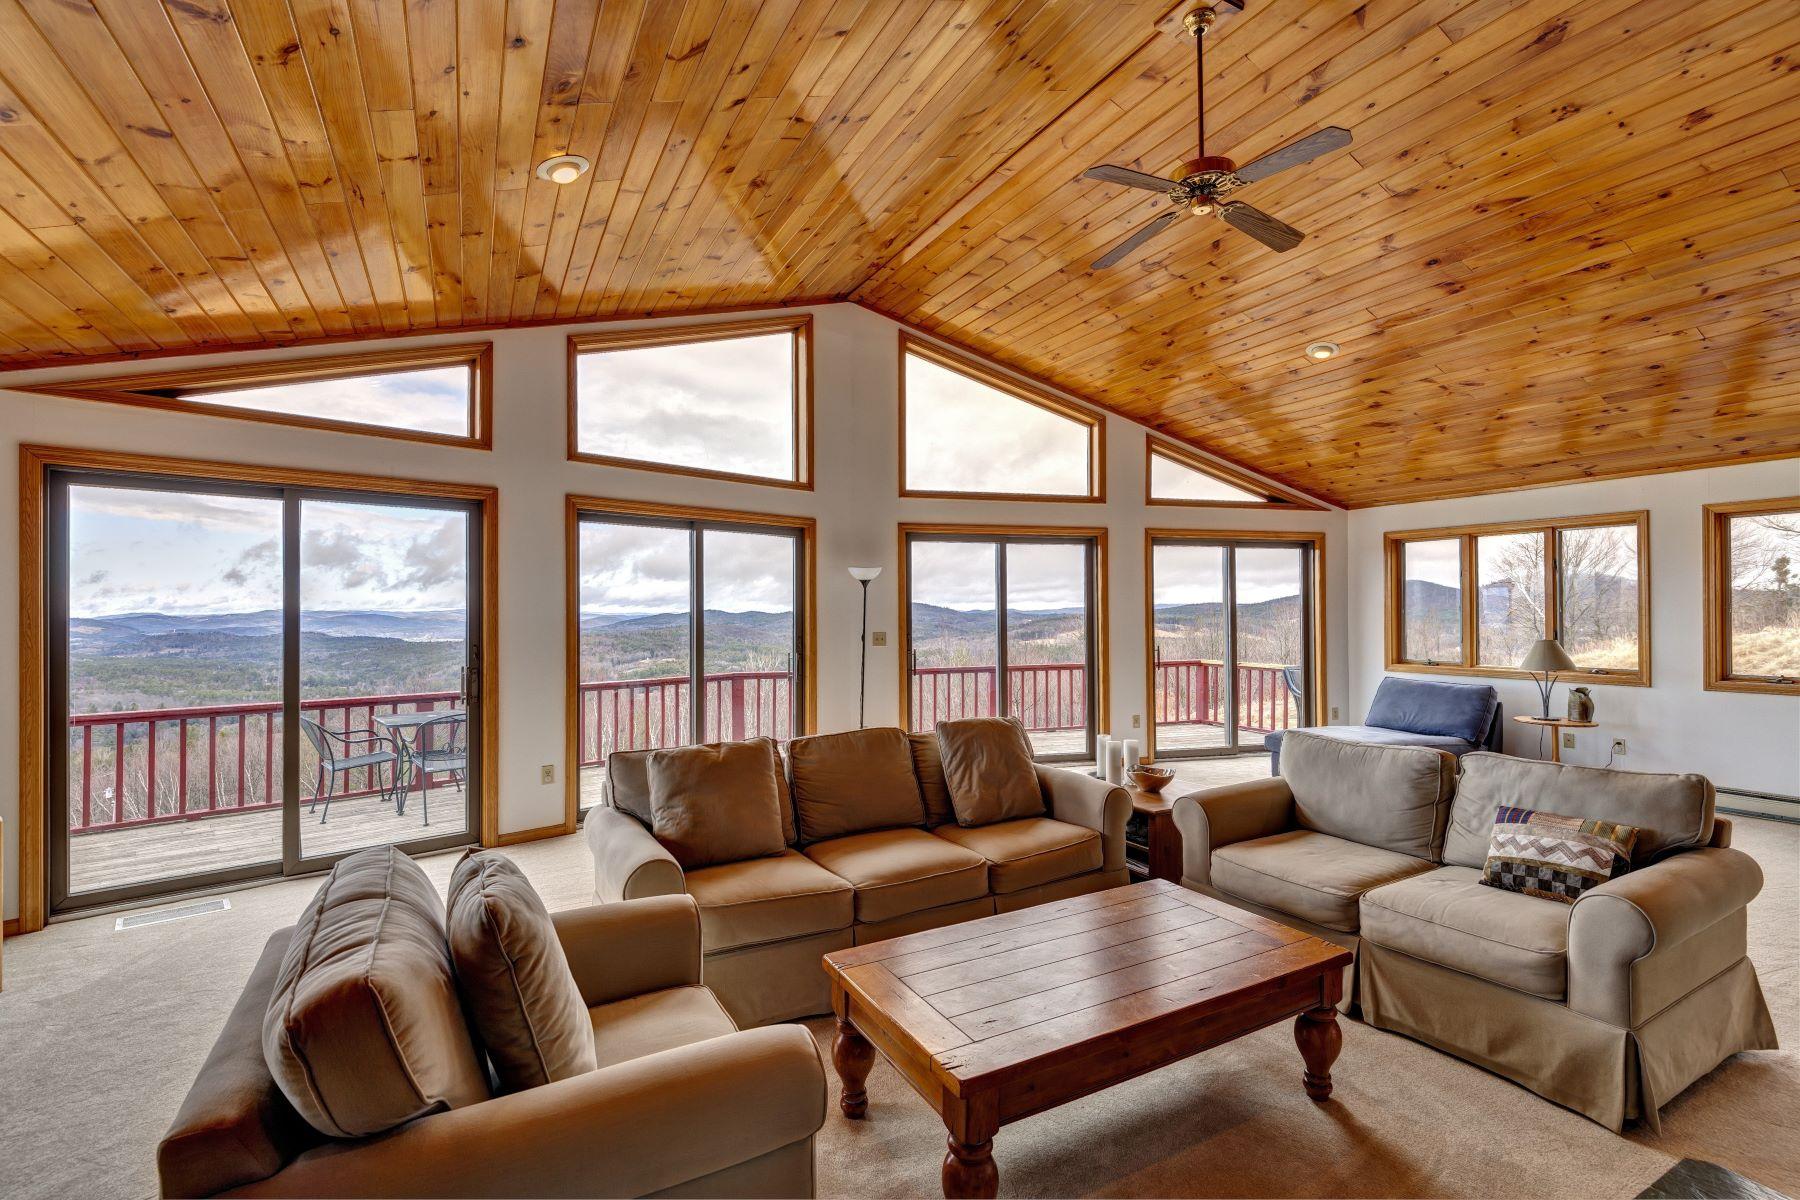 Einfamilienhaus für Verkauf beim 238 Ladieu, Plainfield Plainfield, New Hampshire, 03781 Vereinigte Staaten